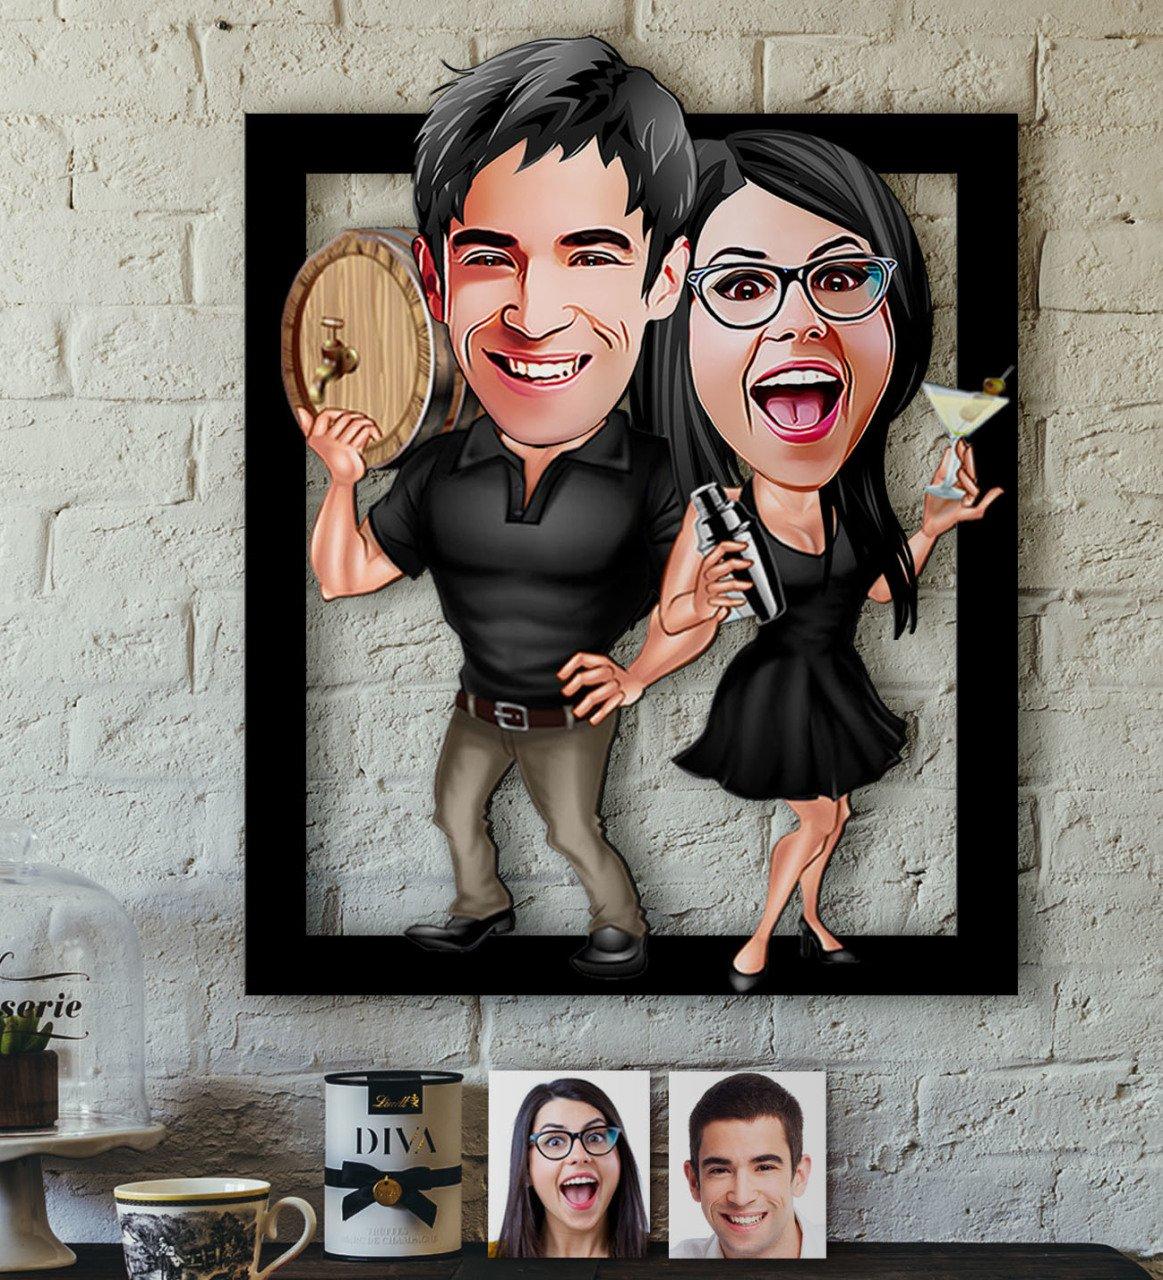 شخصية الحب الكاريكاتير من 3D الخشب Tablo-18 كبيرة برئاسة متعة تذكارية مكتب الجدول جدار الصورة ذكريات جميلة أنيق